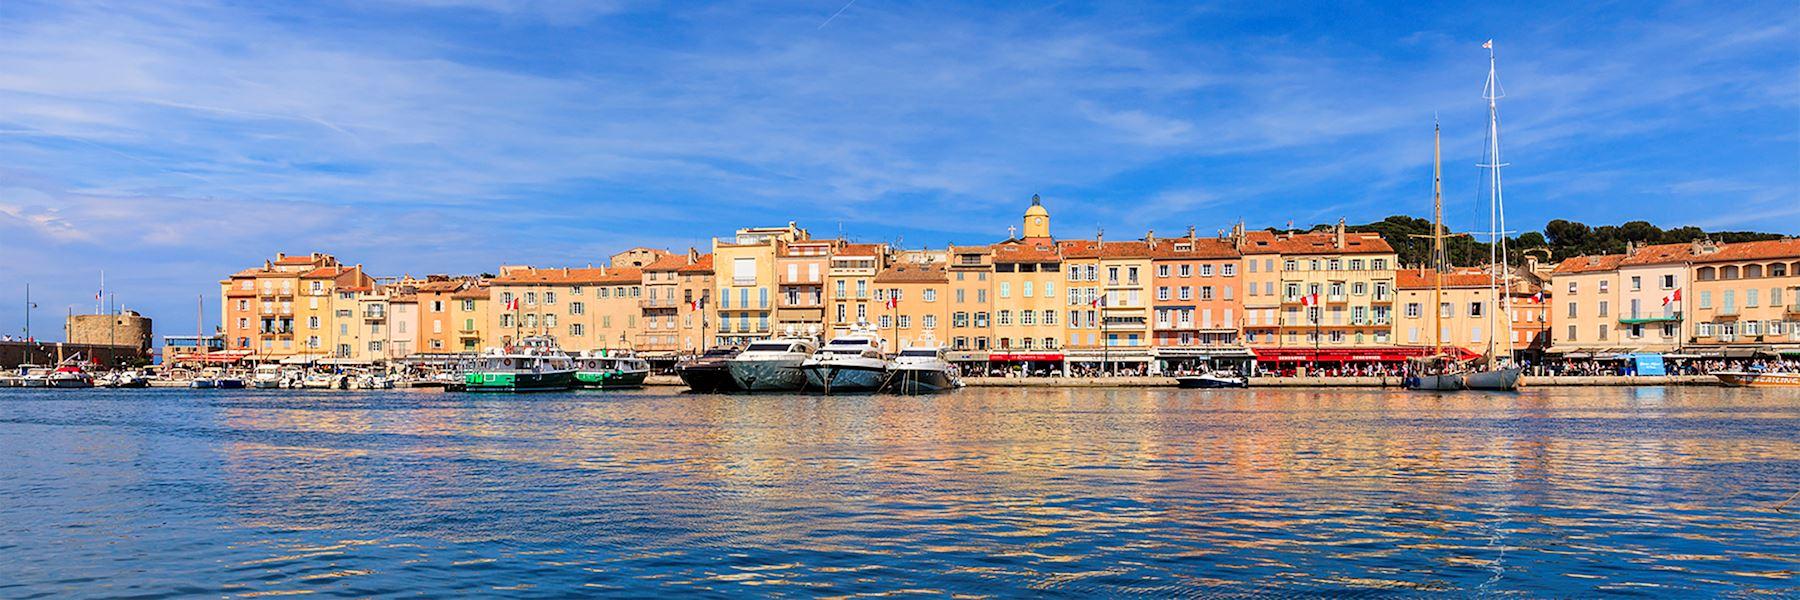 Visit Saint-Tropez, France